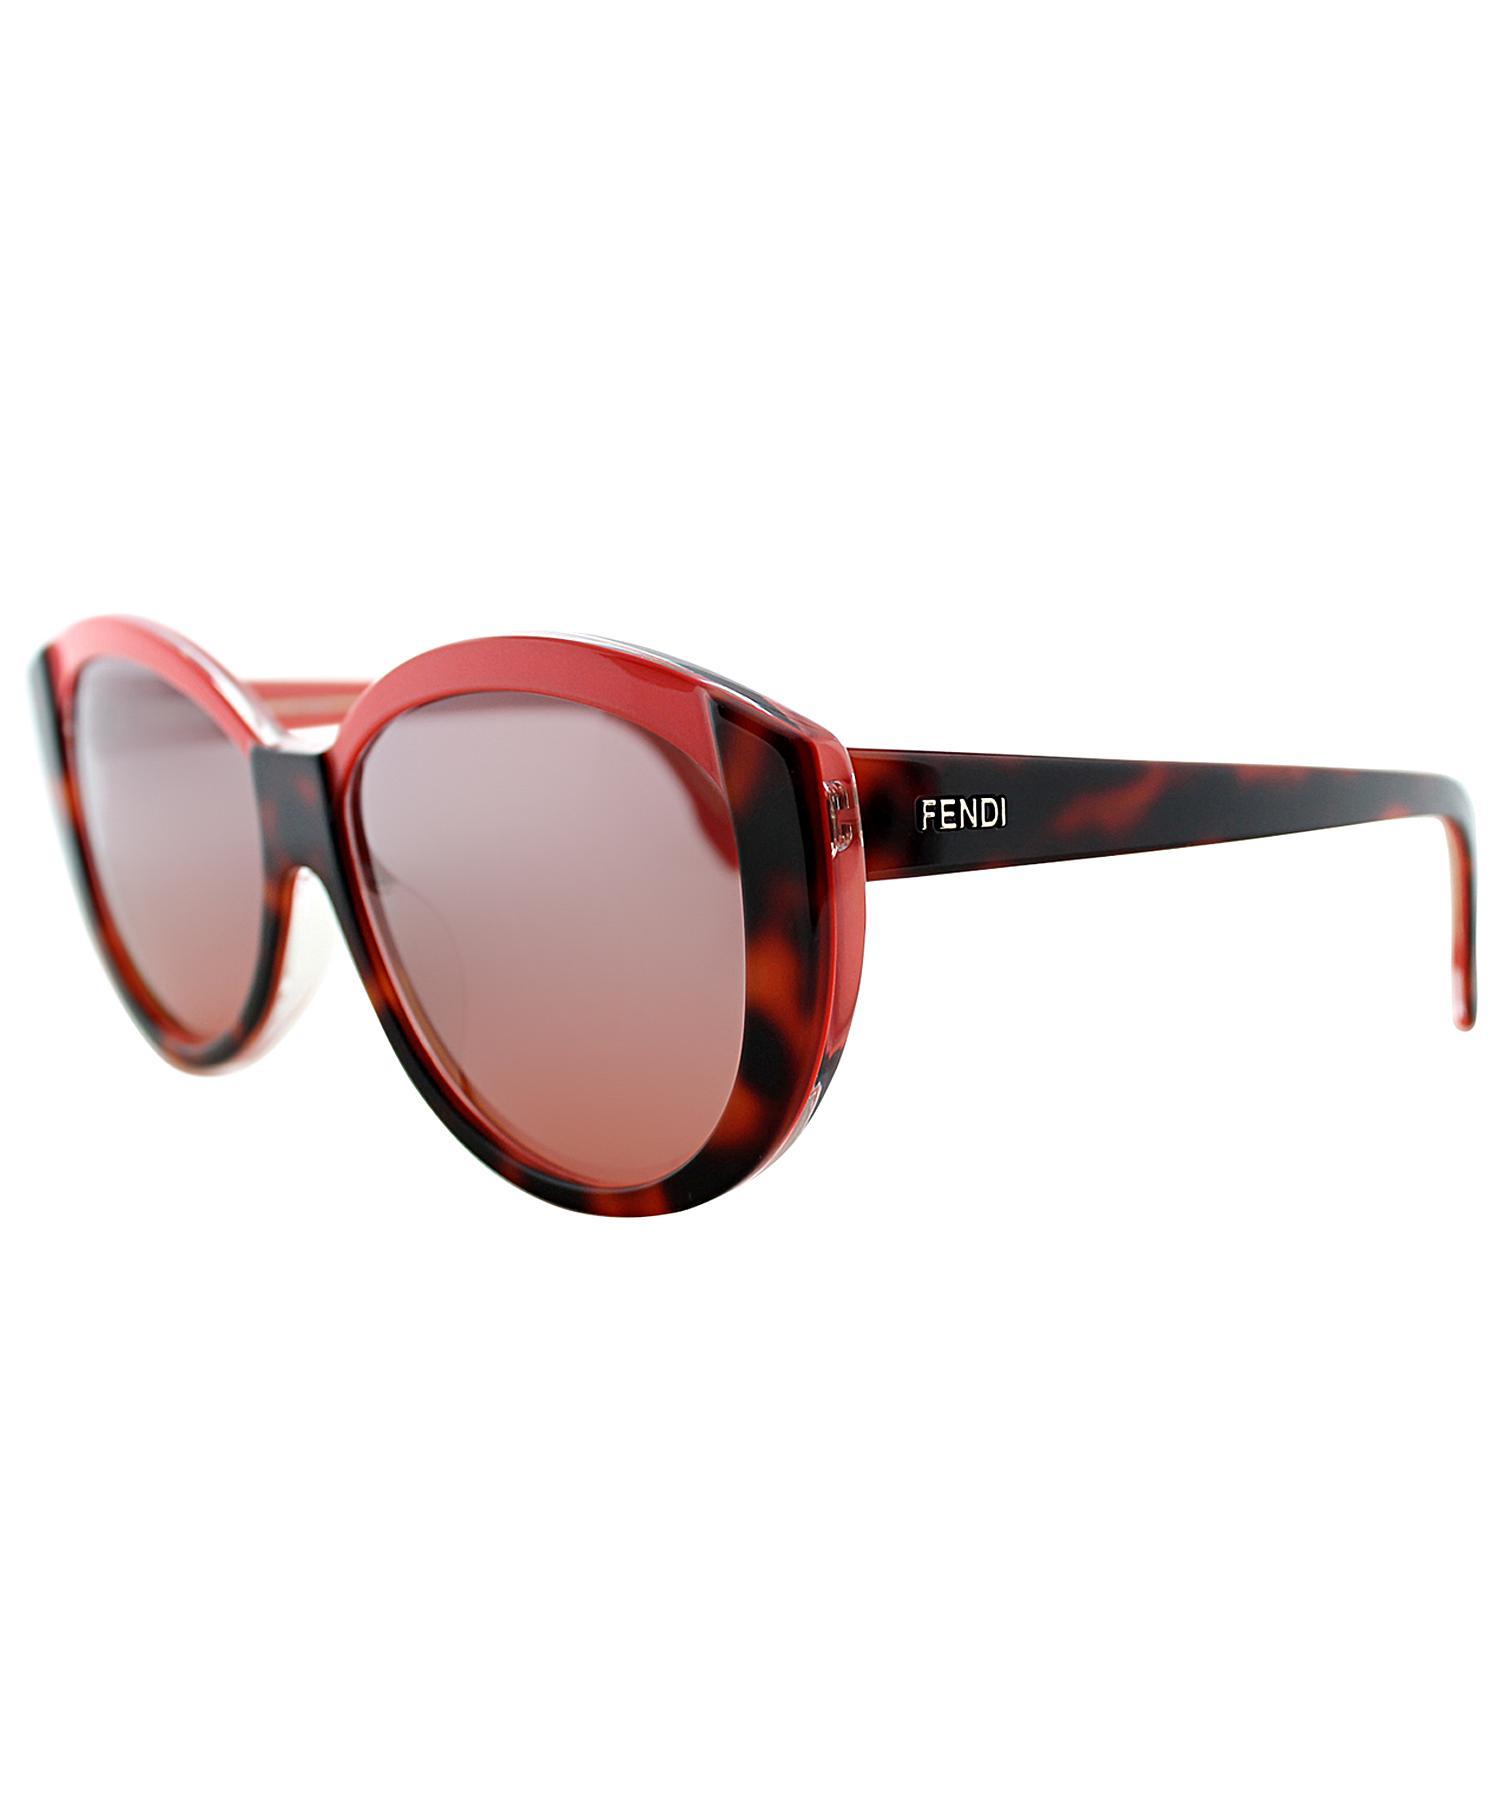 69806383d1 Fendi Round Plastic Sunglasses in Red